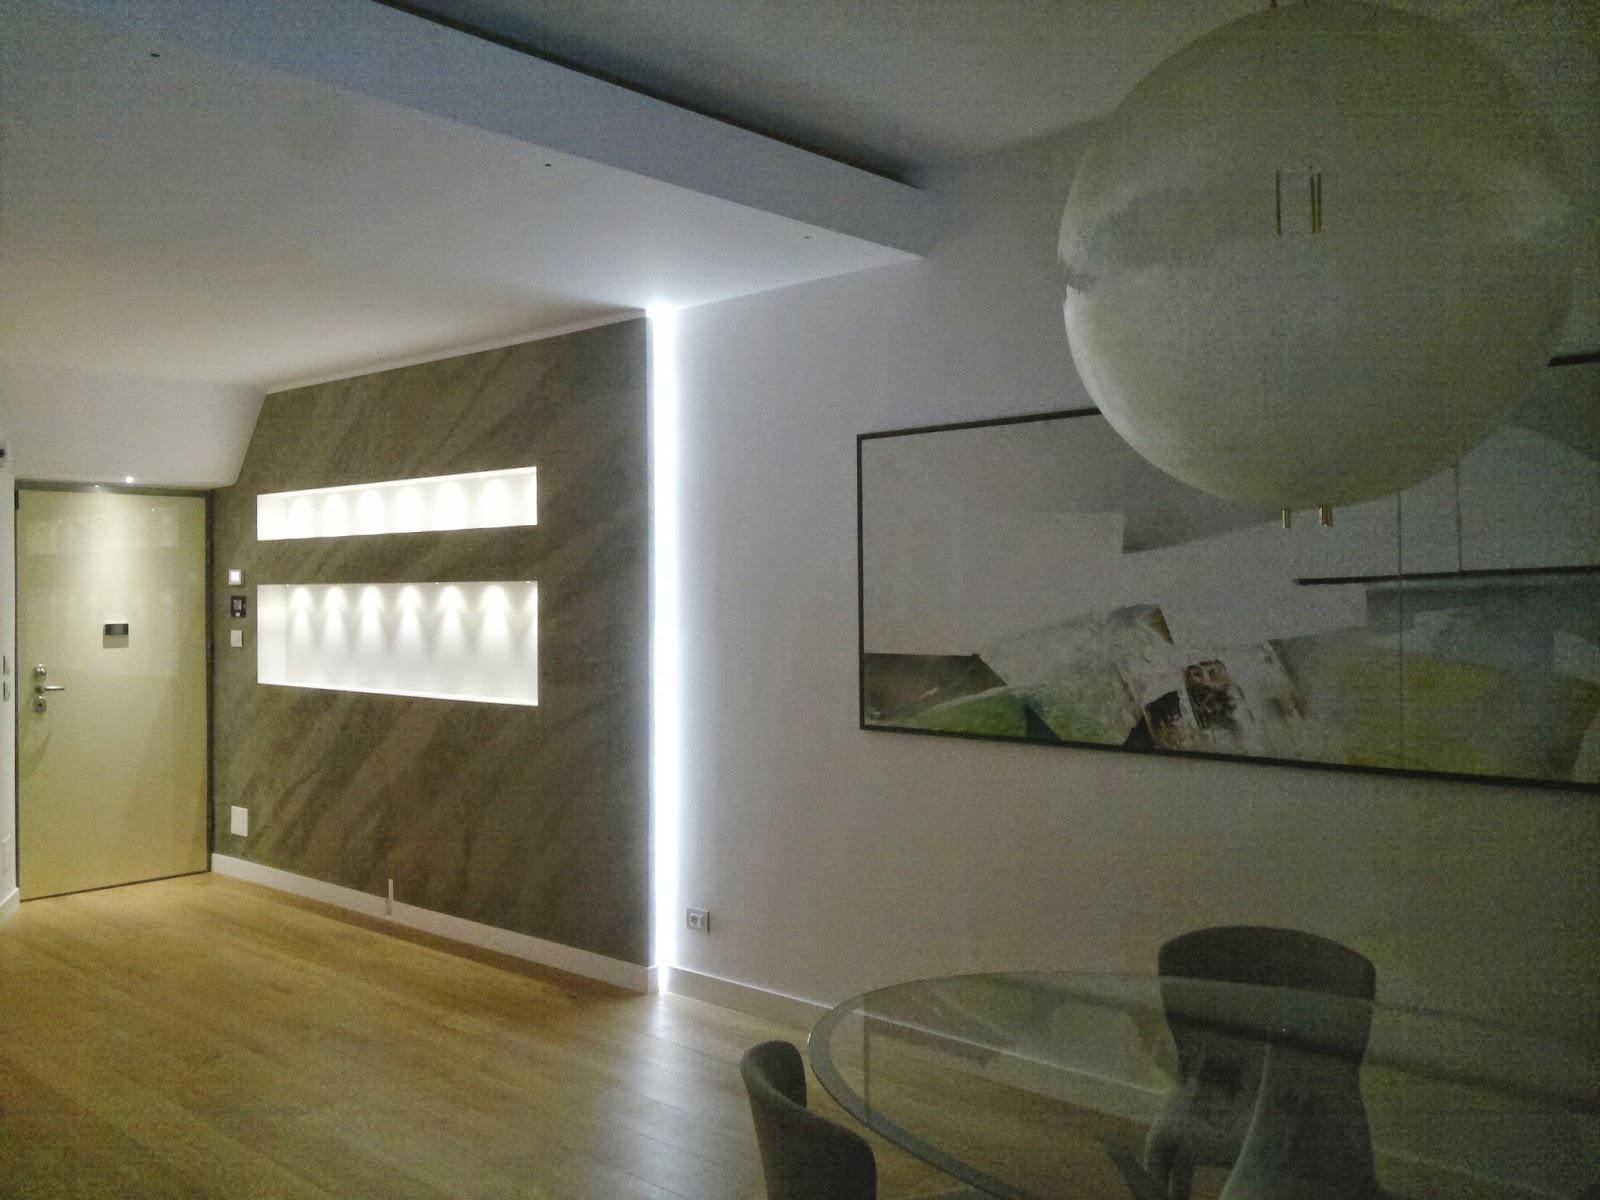 Illuminazione led casa torino ristrutturando un for Illuminazione interni casa